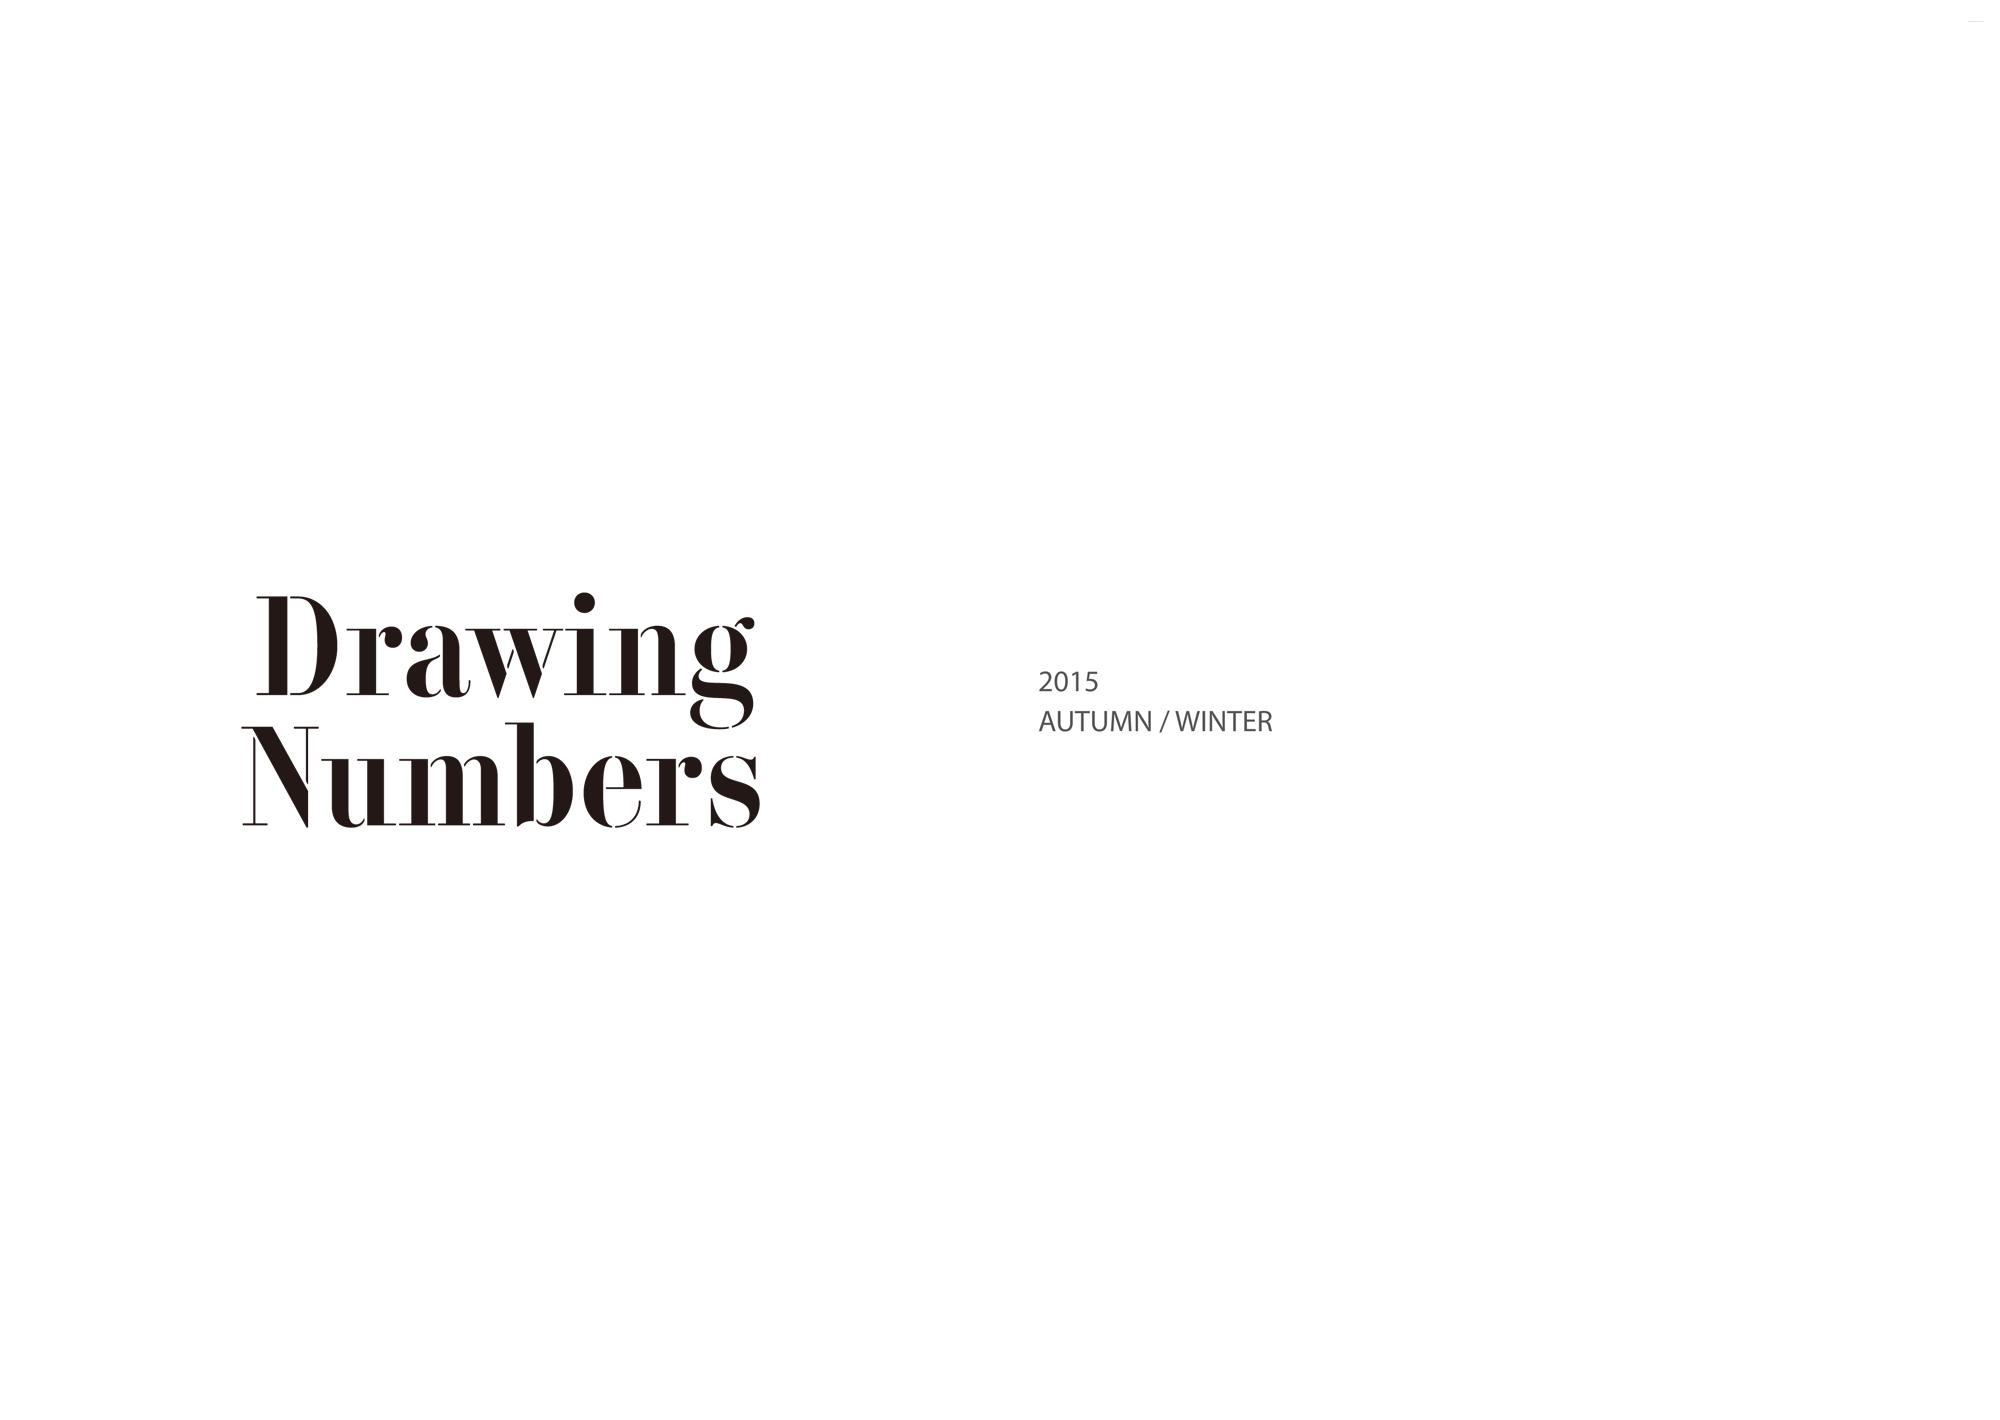 2015 AUTUMN / WINTER 1